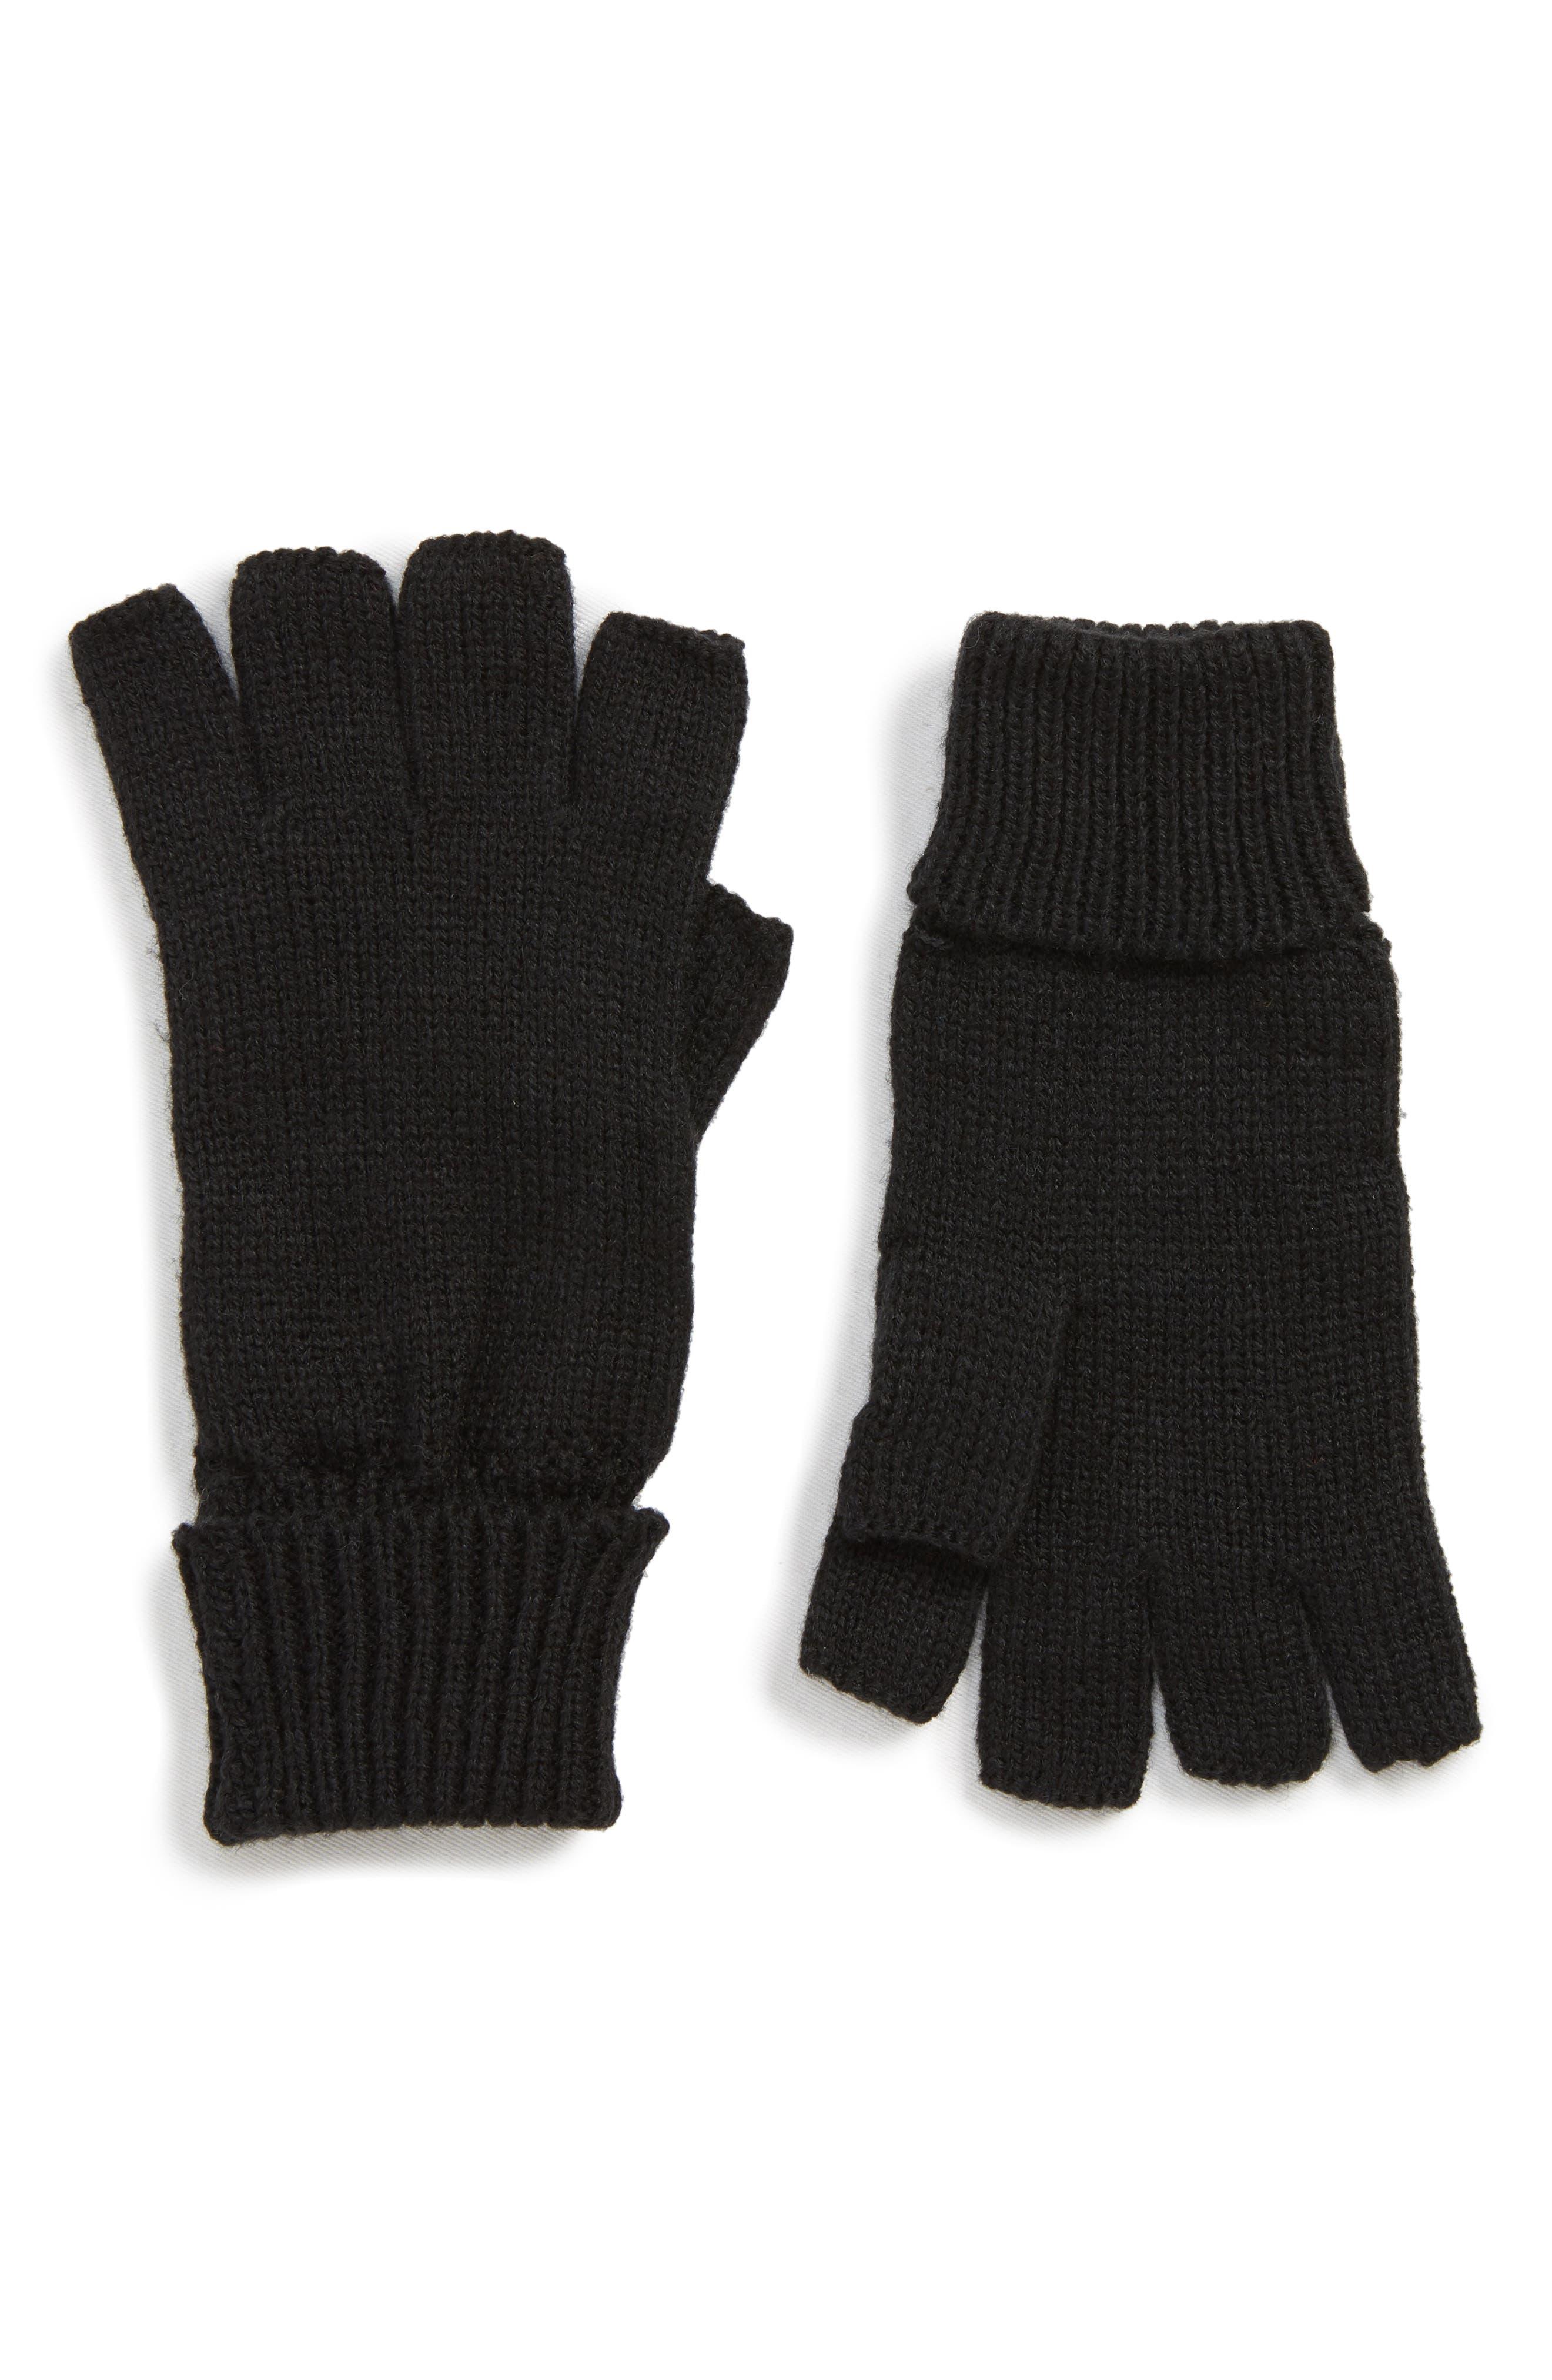 Basic Fingerless Gloves,                             Main thumbnail 1, color,                             BLACK